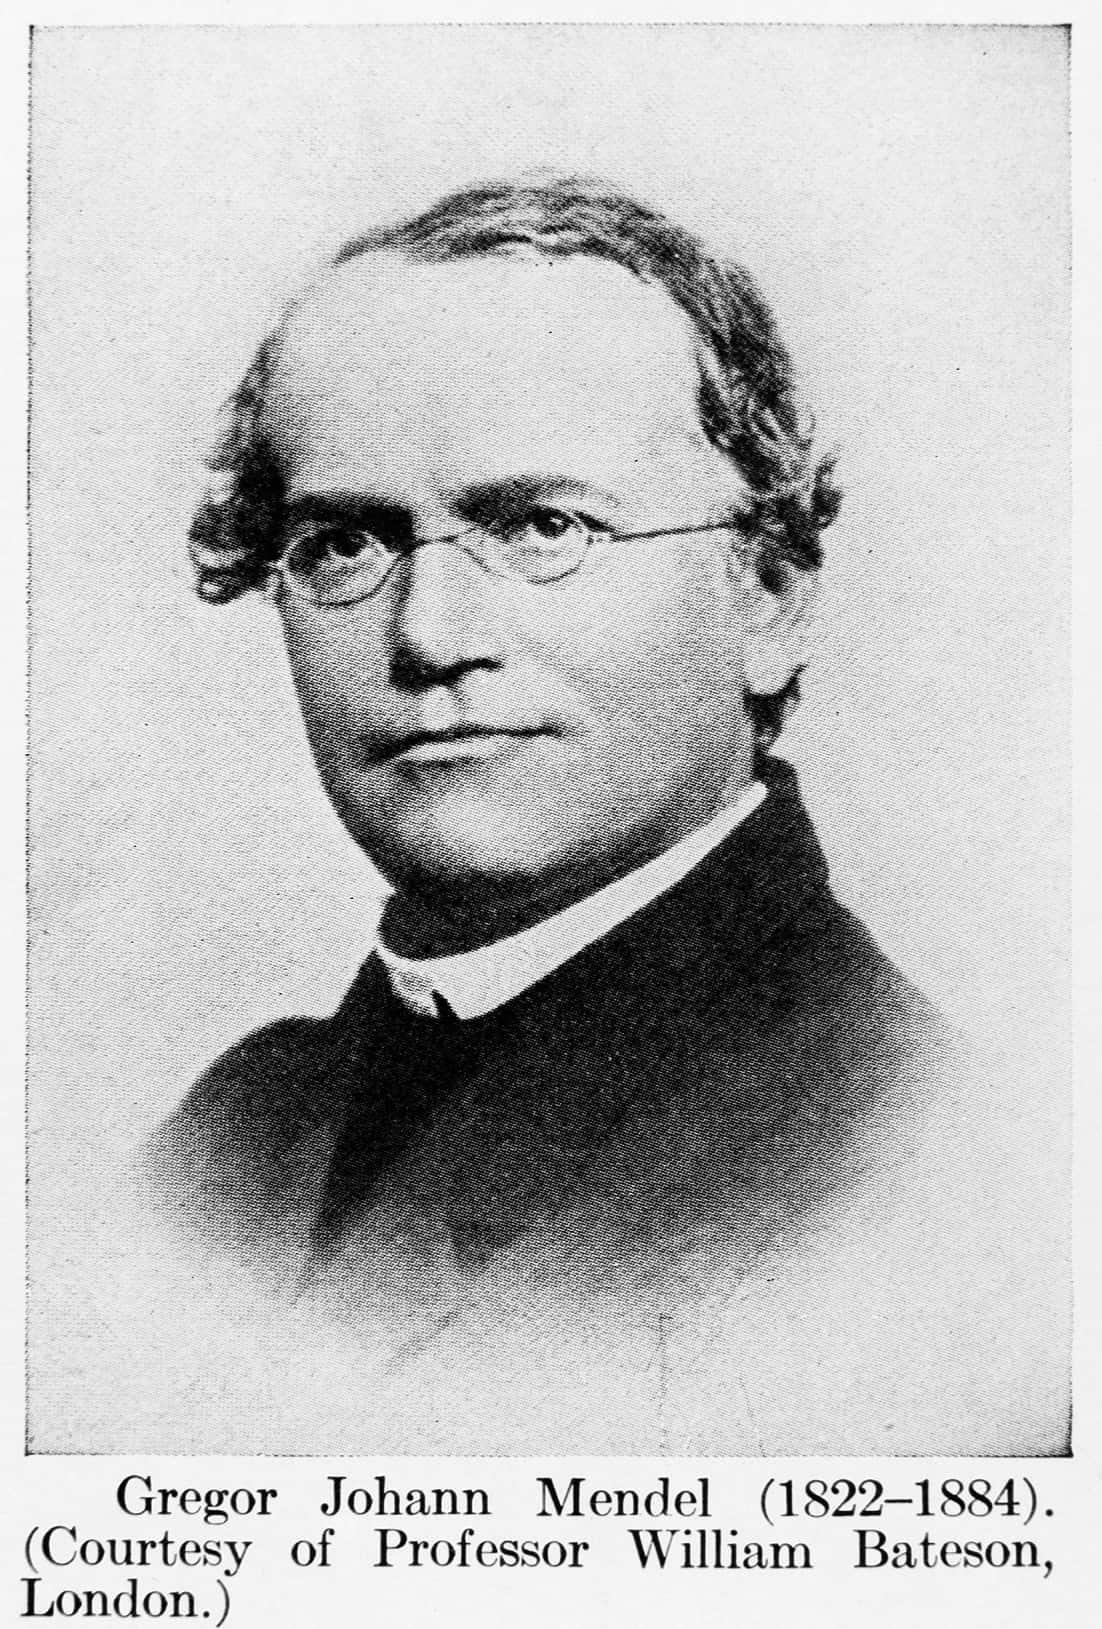 Gregor Johann Mendel, criador e fundador da genética clássica.